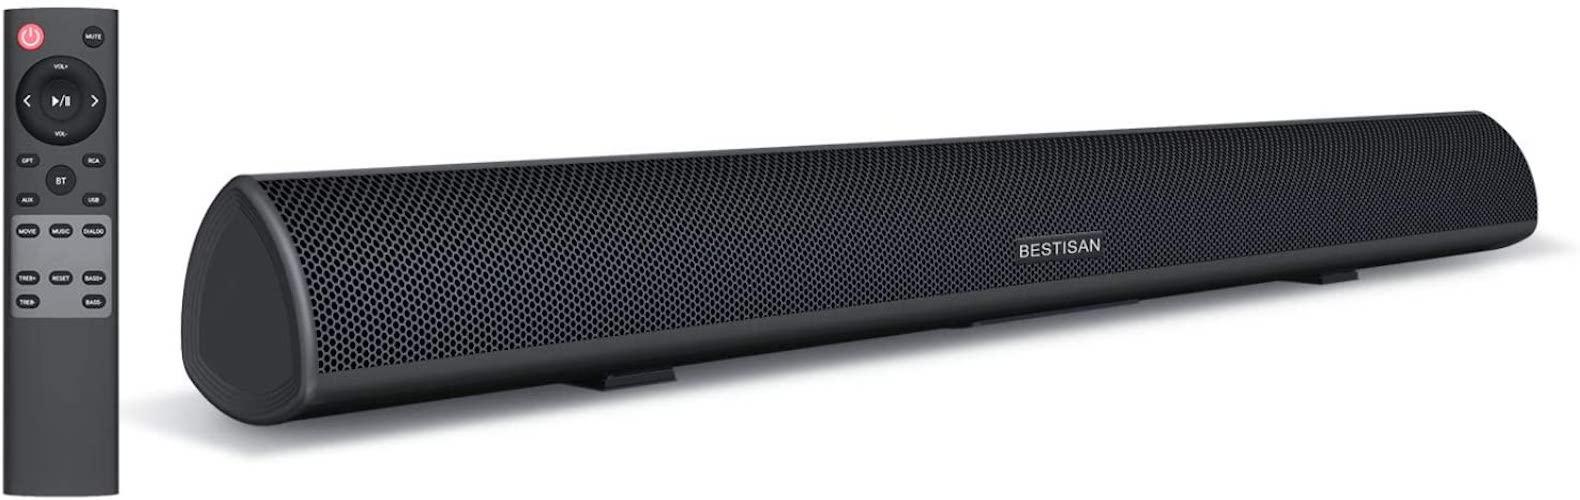 5.80Watt 34Inch Sound bar, BestisanSoundbar Bluetooth 5.0 Wireless and Wired Home Theater Speaker